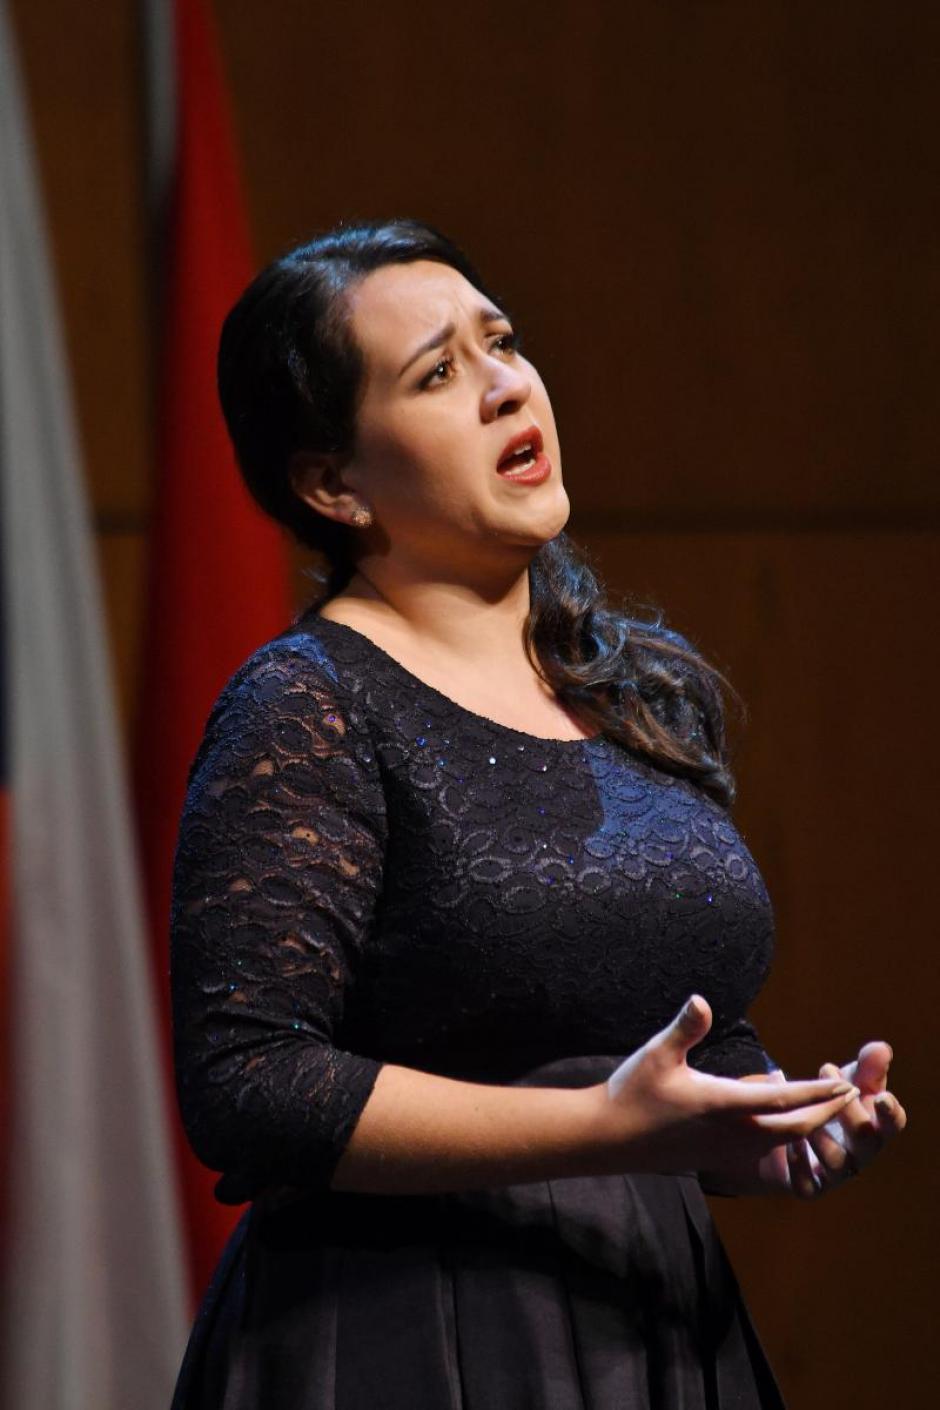 """La joven participó en el concurso internacional de canto """"Tenor Viñas"""". (Foto: Antoni Bofill)"""